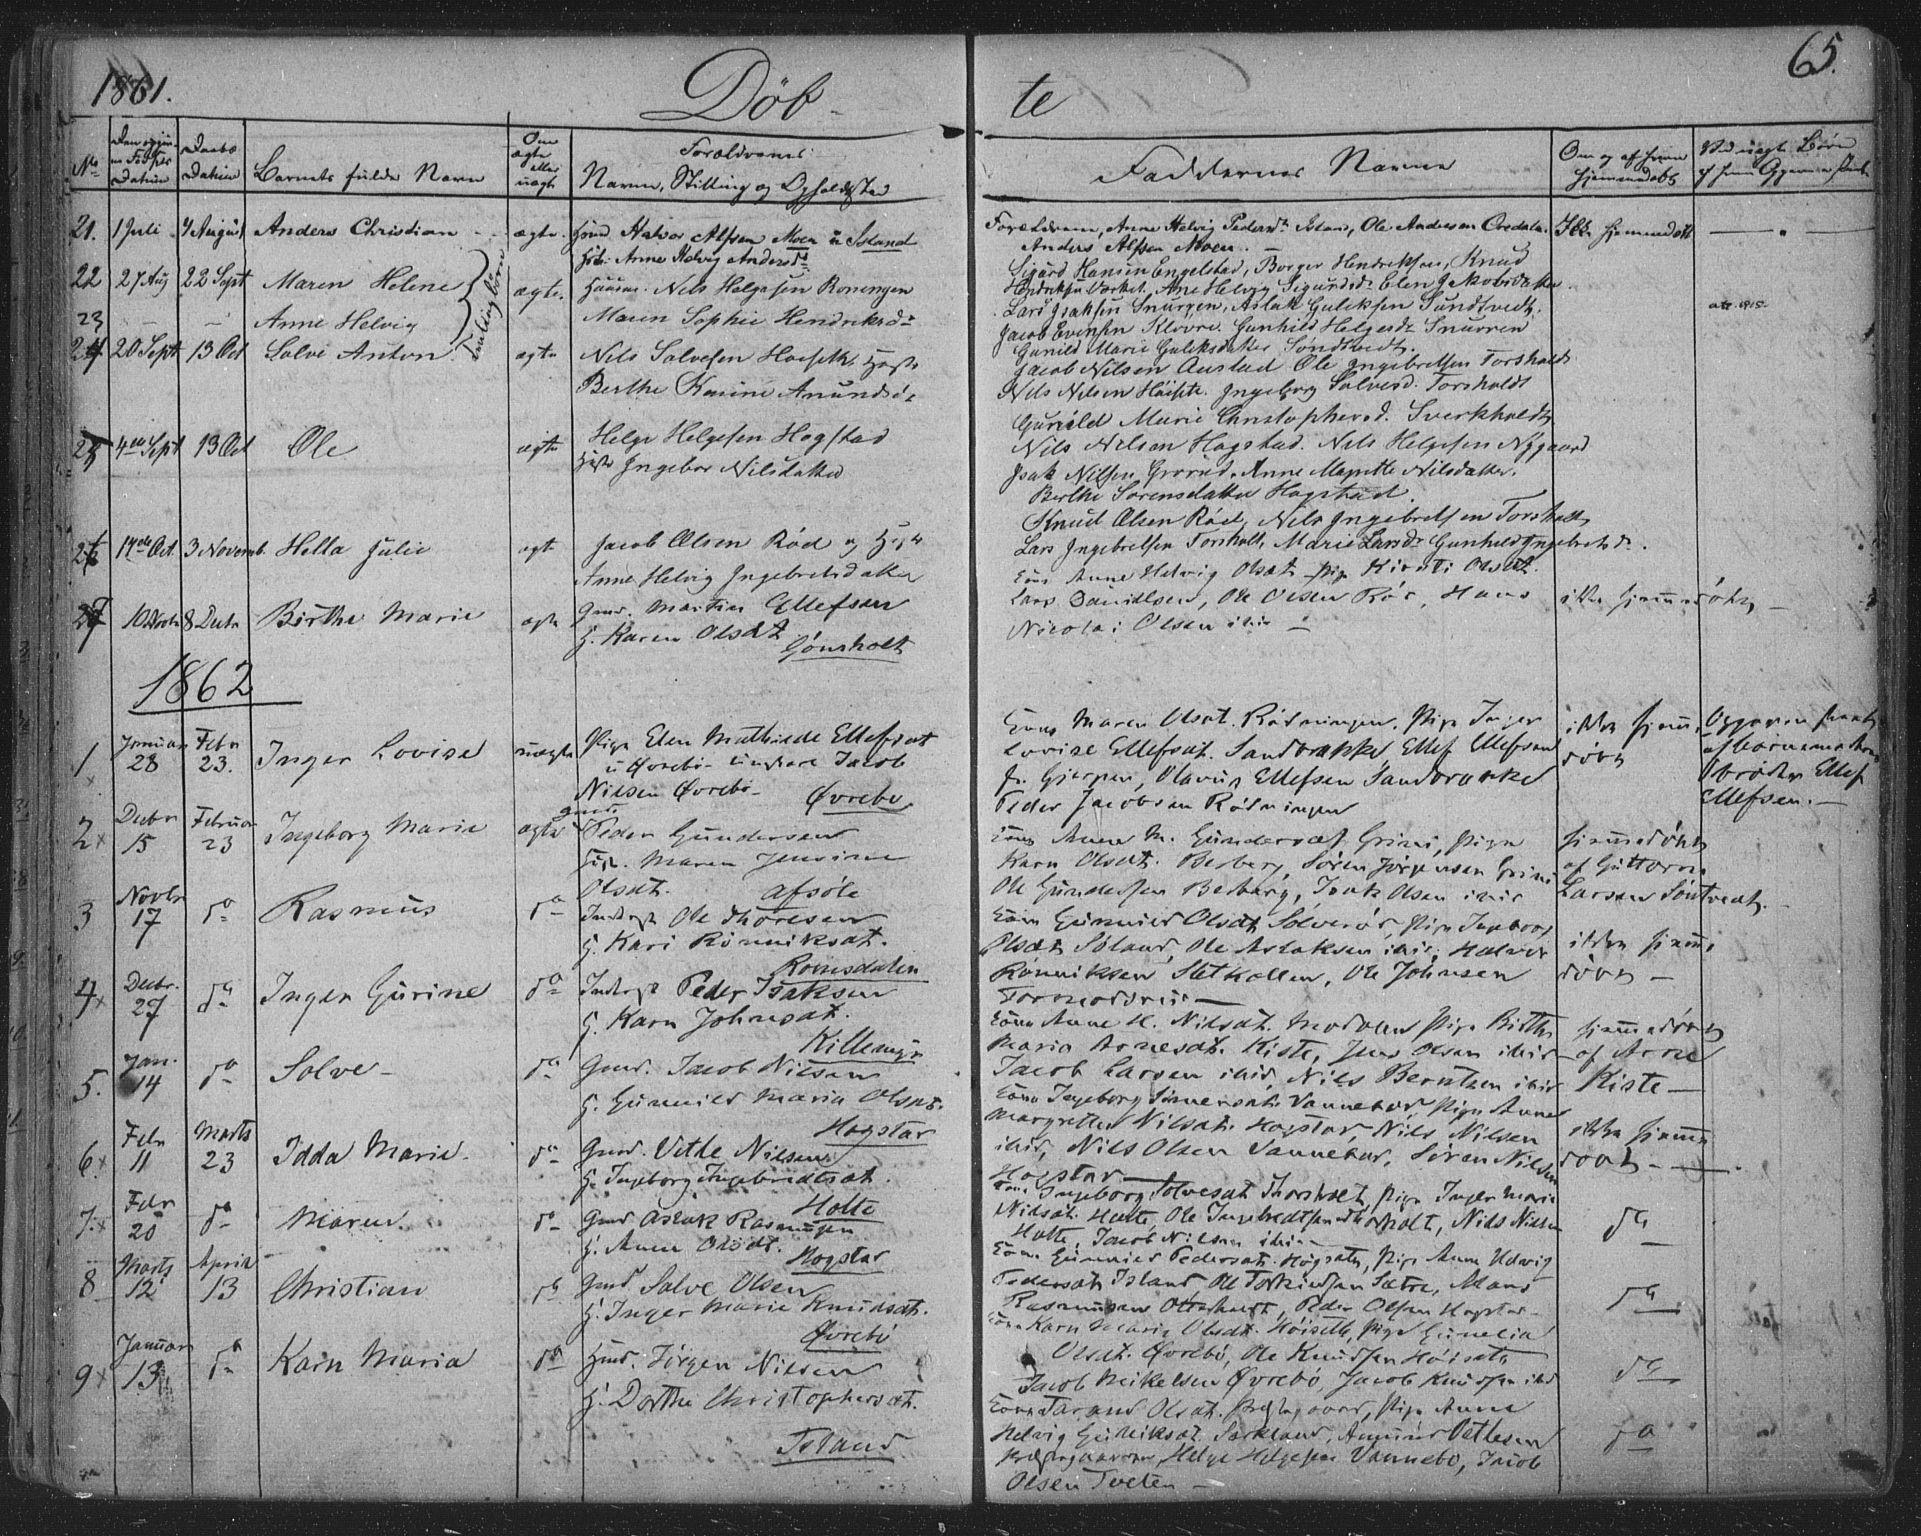 SAKO, Siljan kirkebøker, F/Fa/L0001: Ministerialbok nr. 1, 1831-1870, s. 65